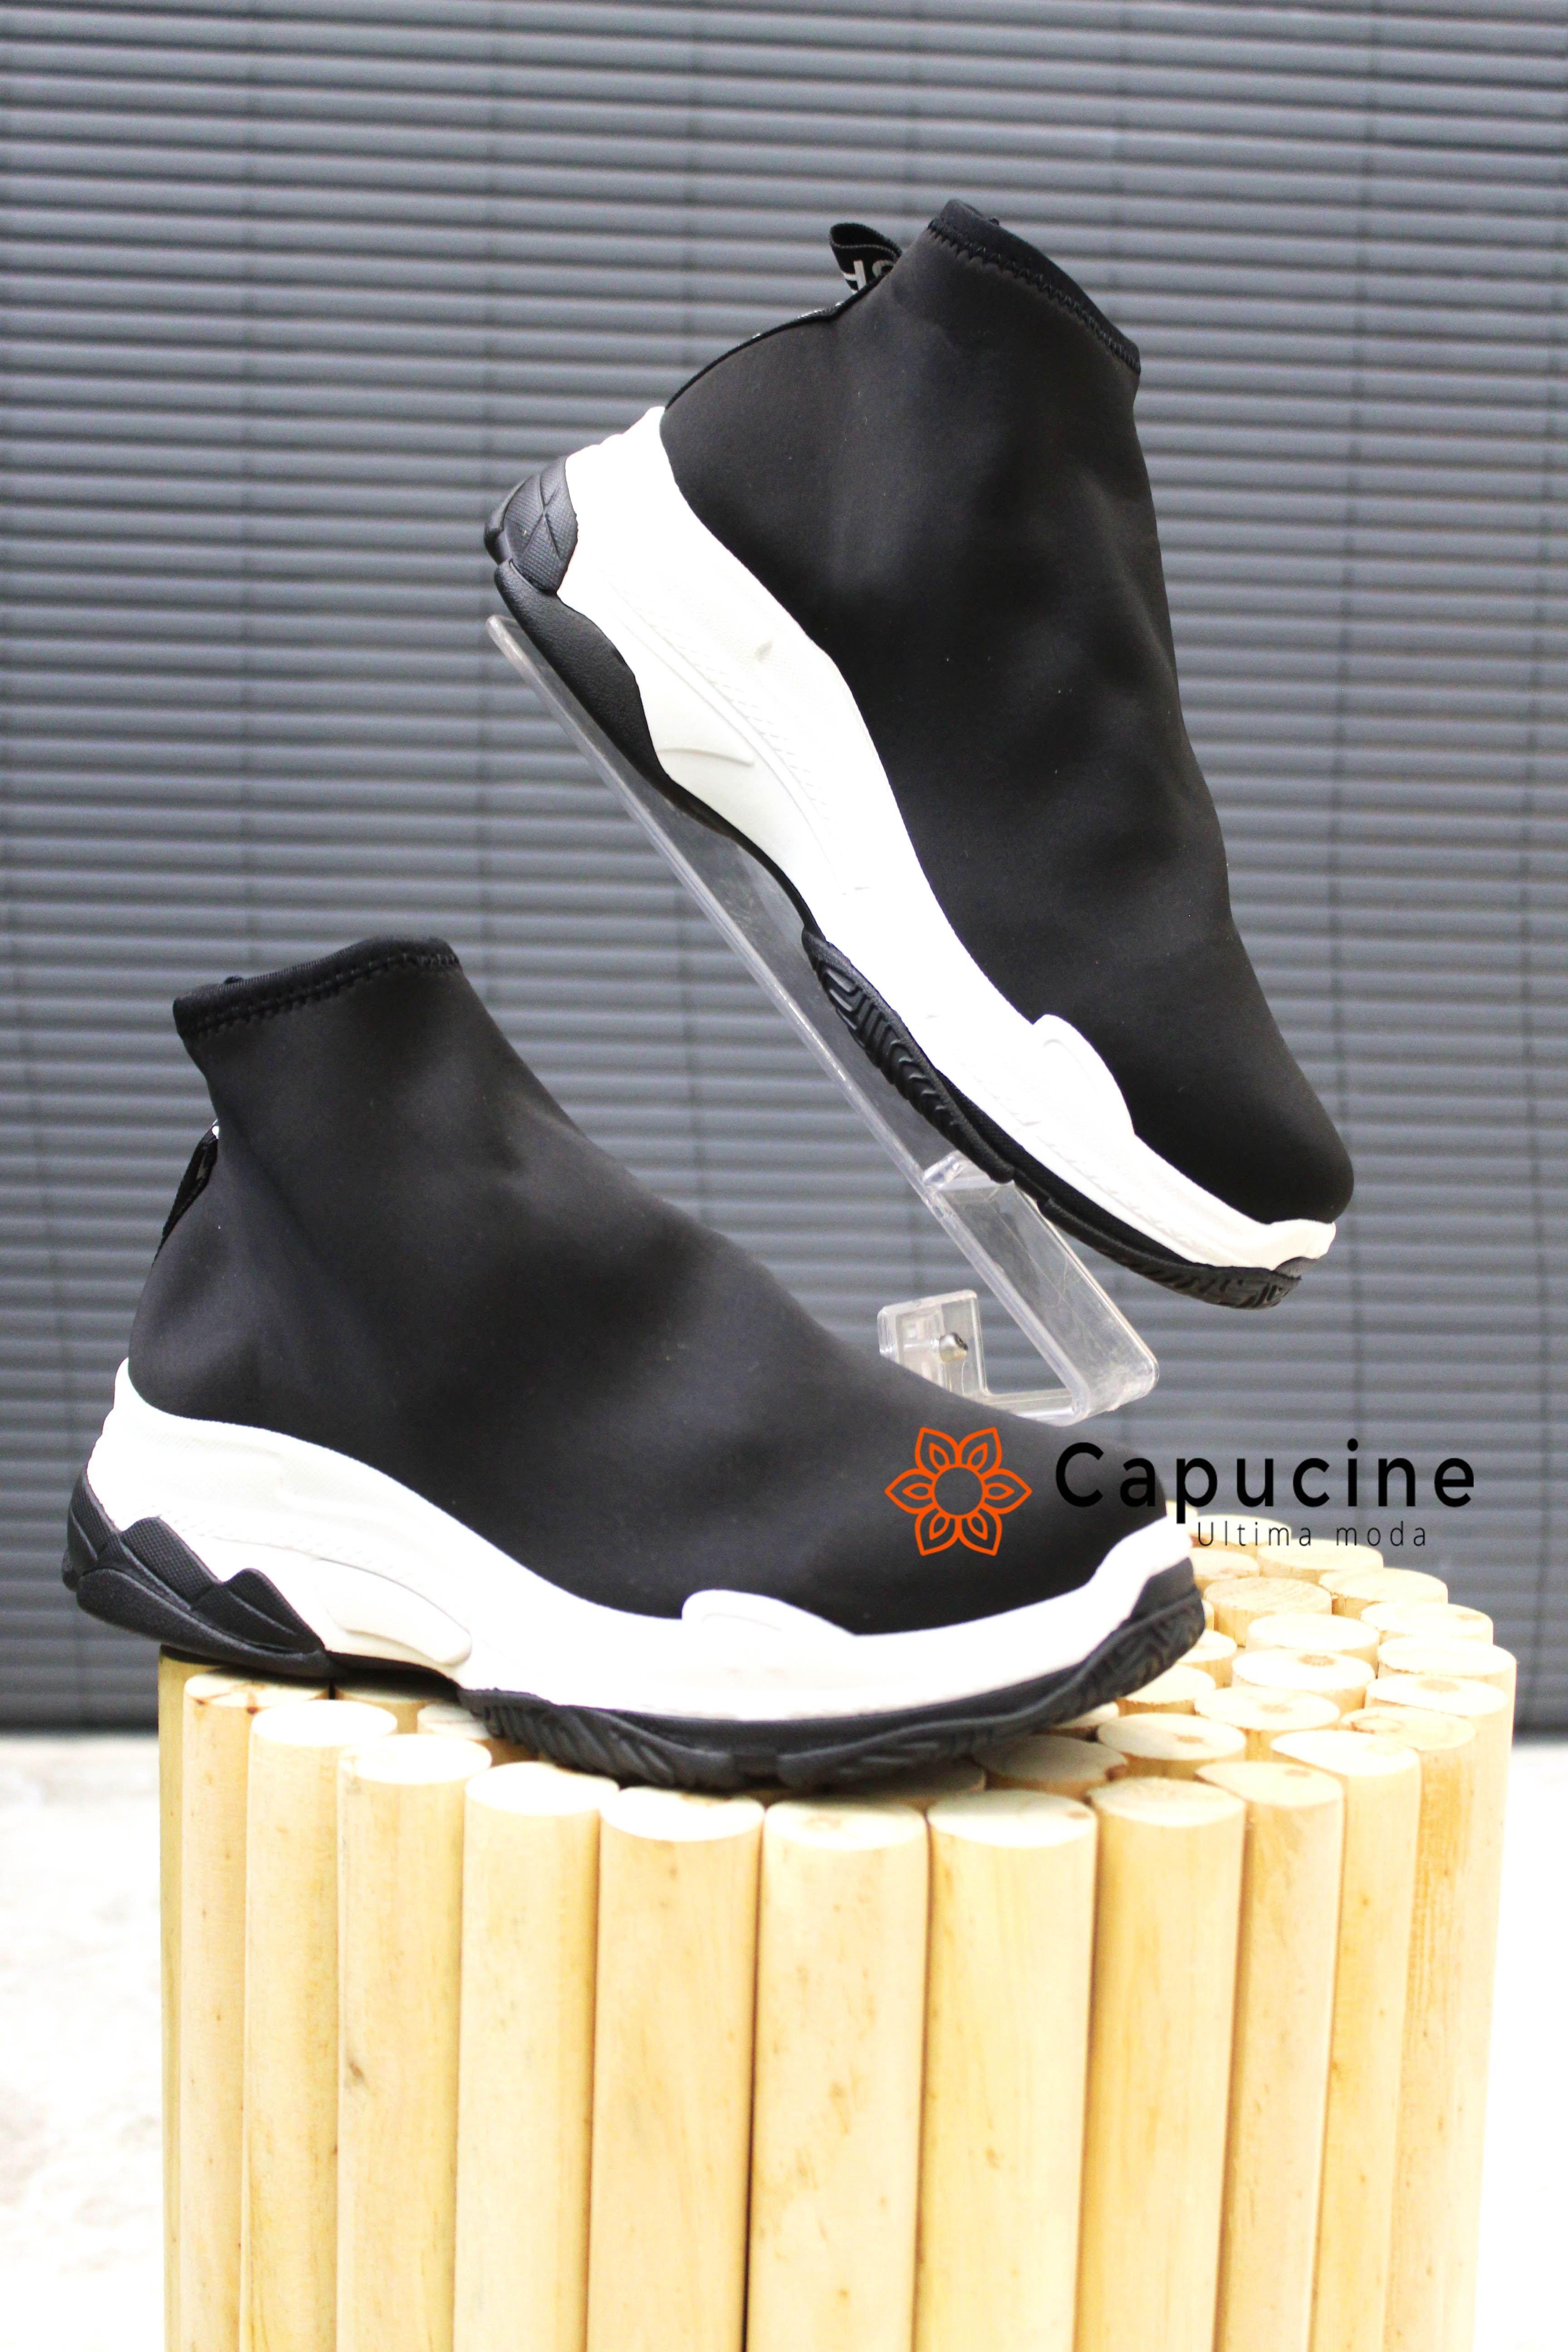 53edd36b8ee1b7 BASKET SNEAKERS FEMME - CHAUSSETTE | ALMA #capucinemoda #chaussure  #sneakers #basket #